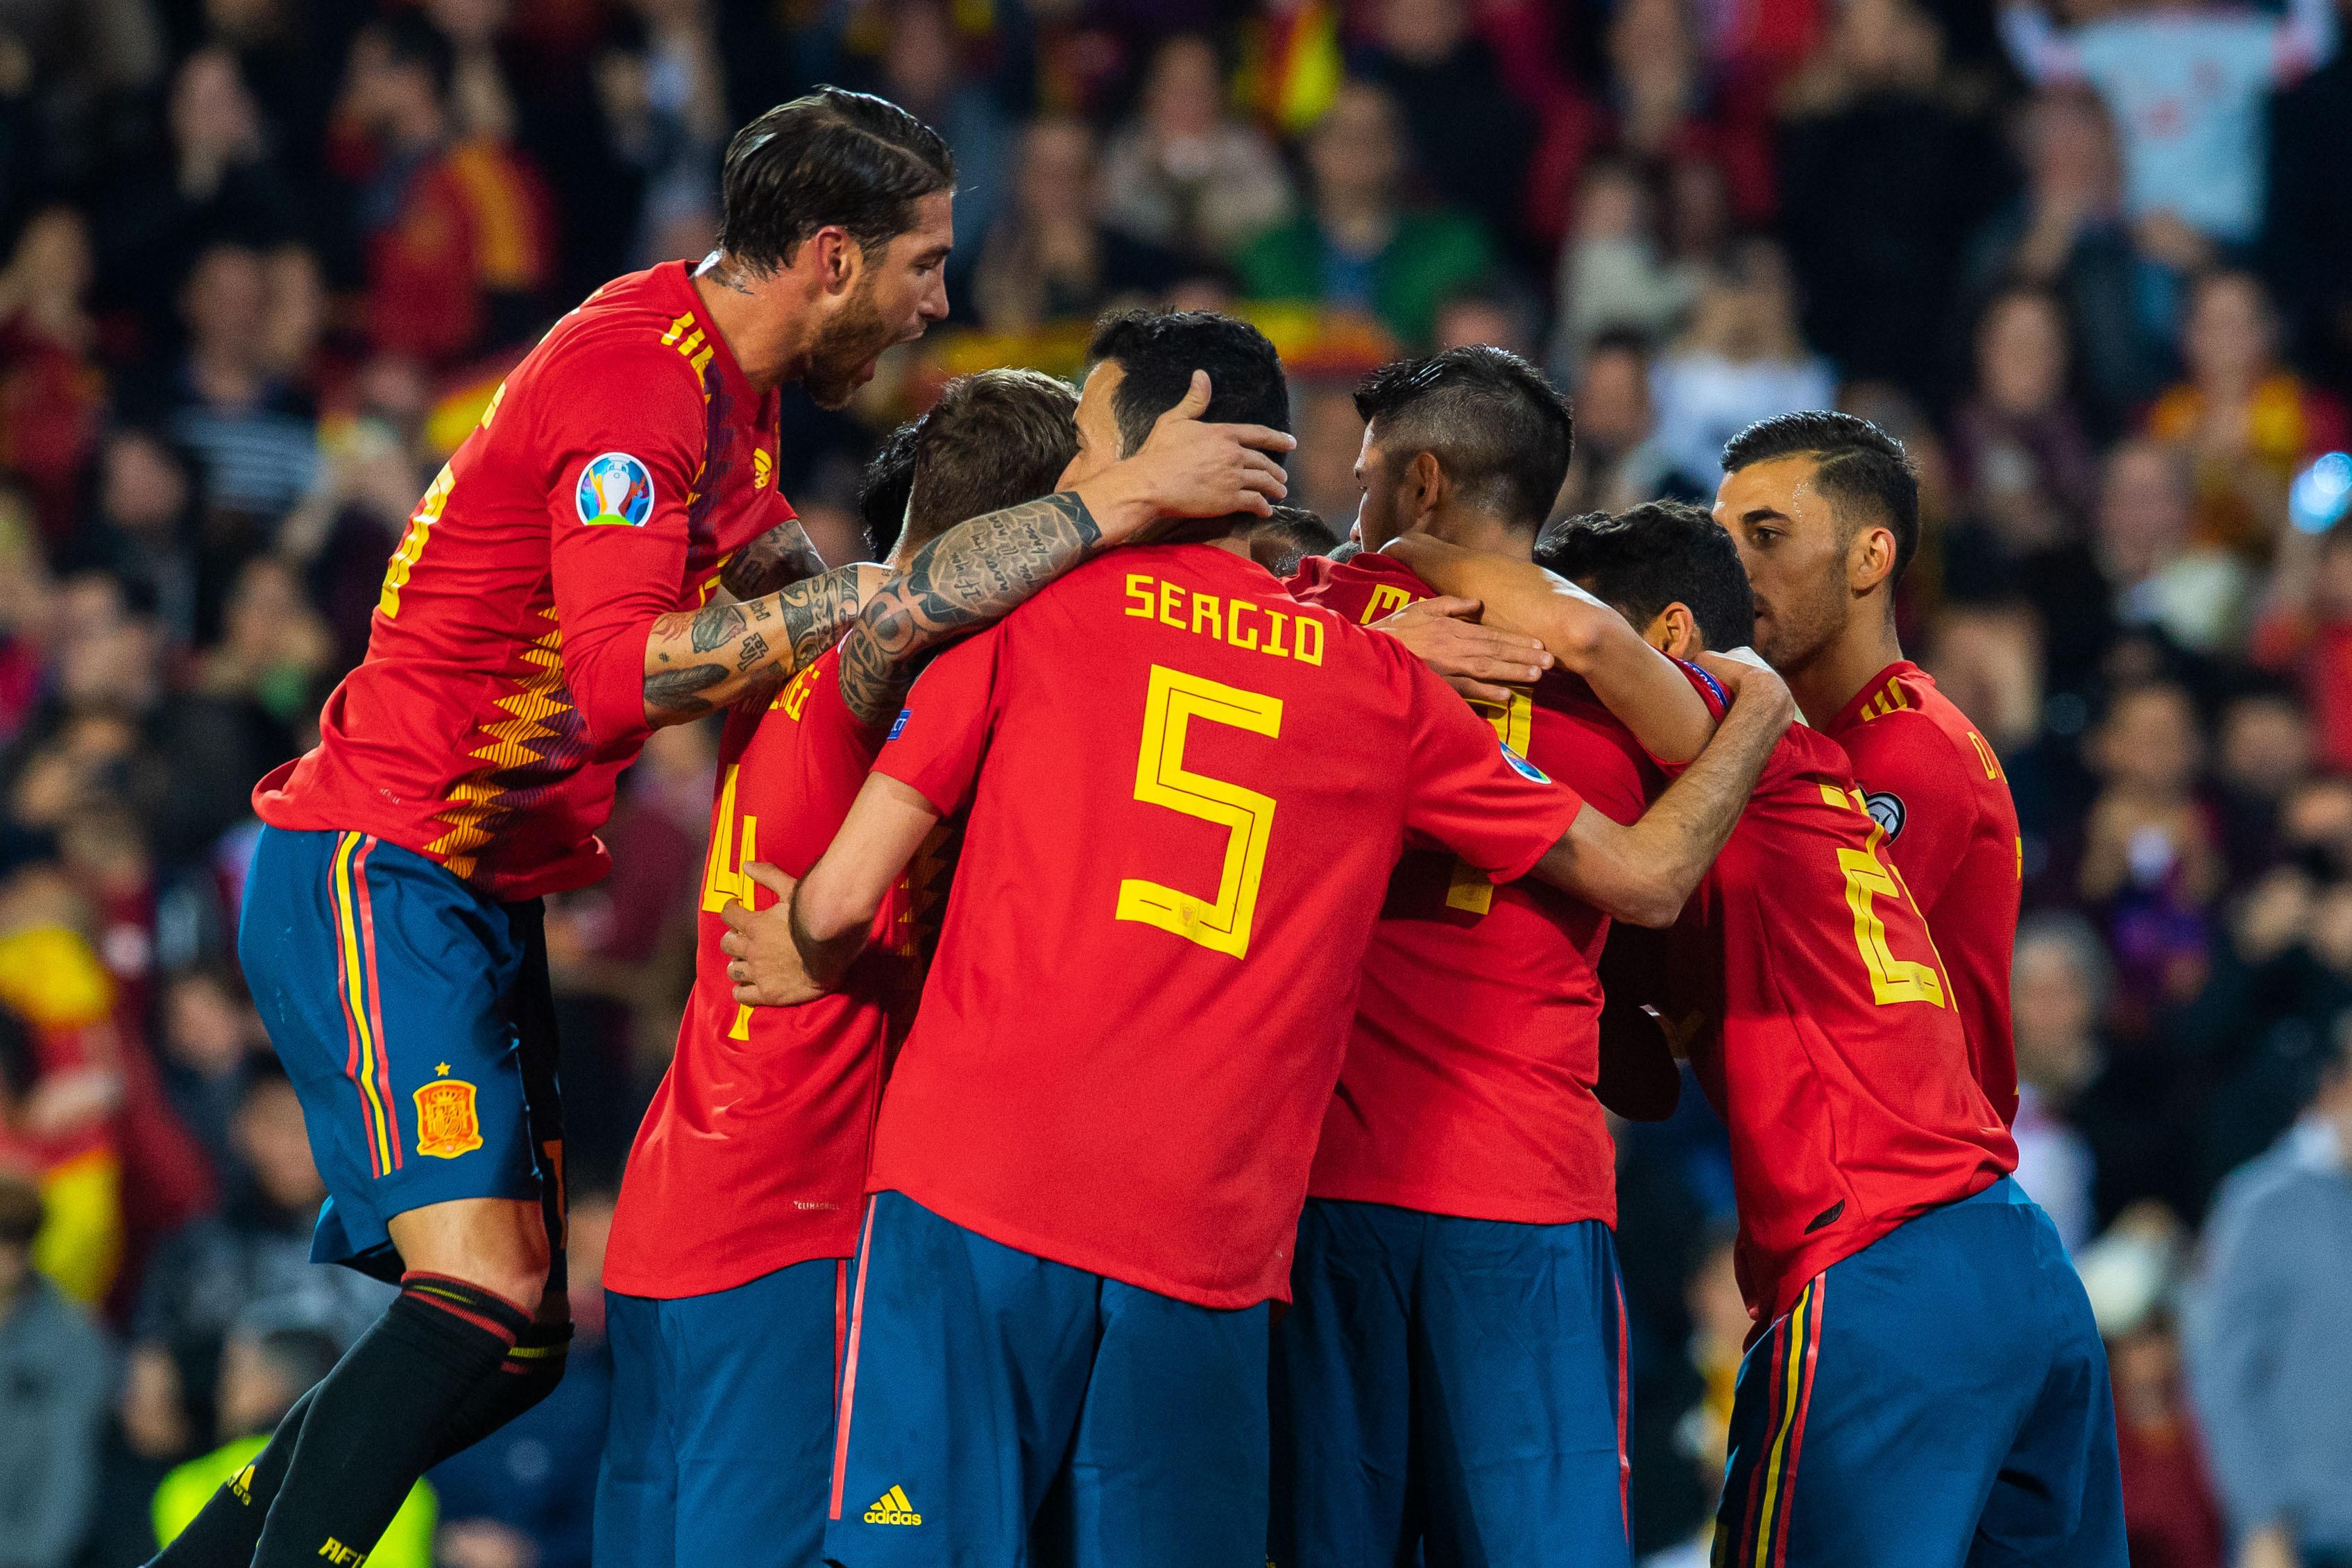 Espanha entrou a vencer, mas não se livrou de um susto